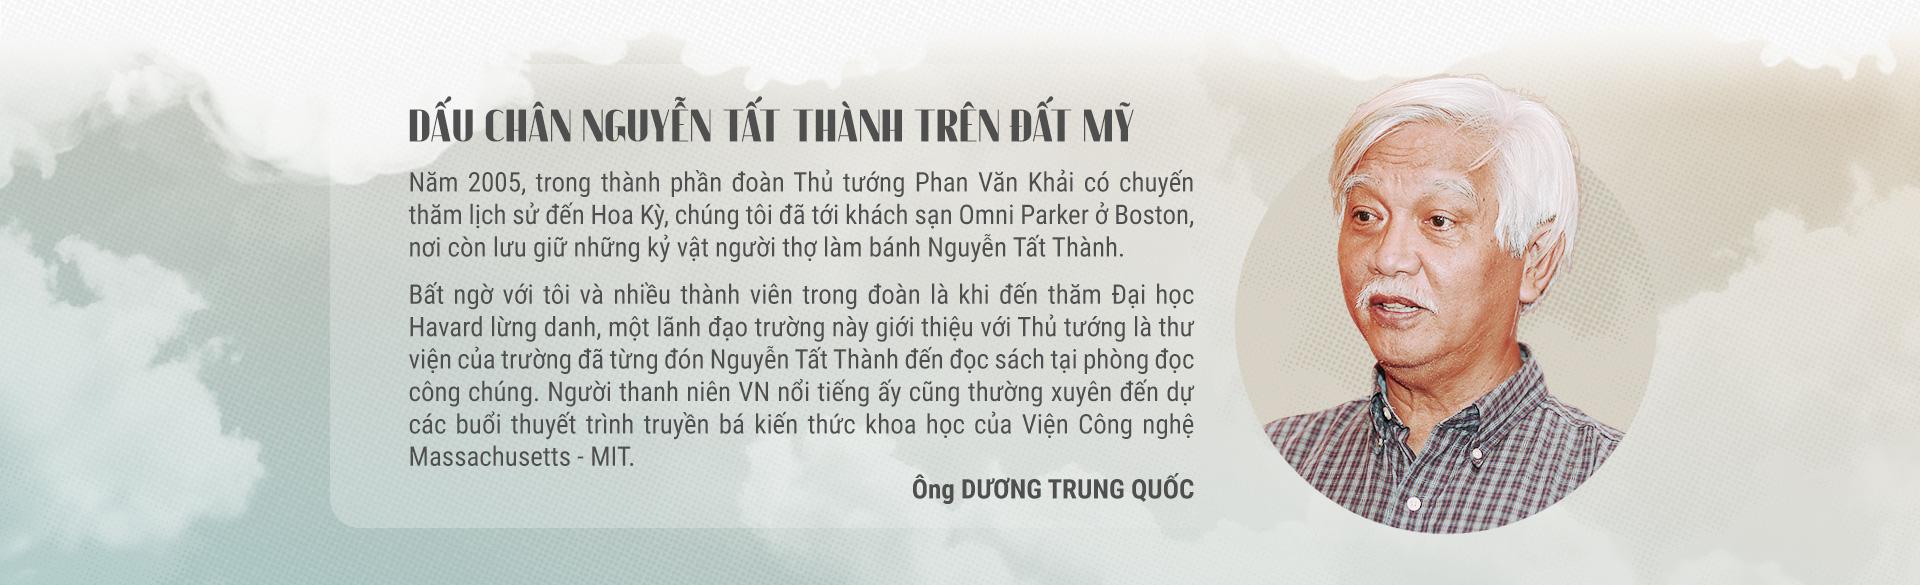 Chương 1: Lợi ích quốc gia trong khát vọng Hồ Chí Minh - Ảnh 5.